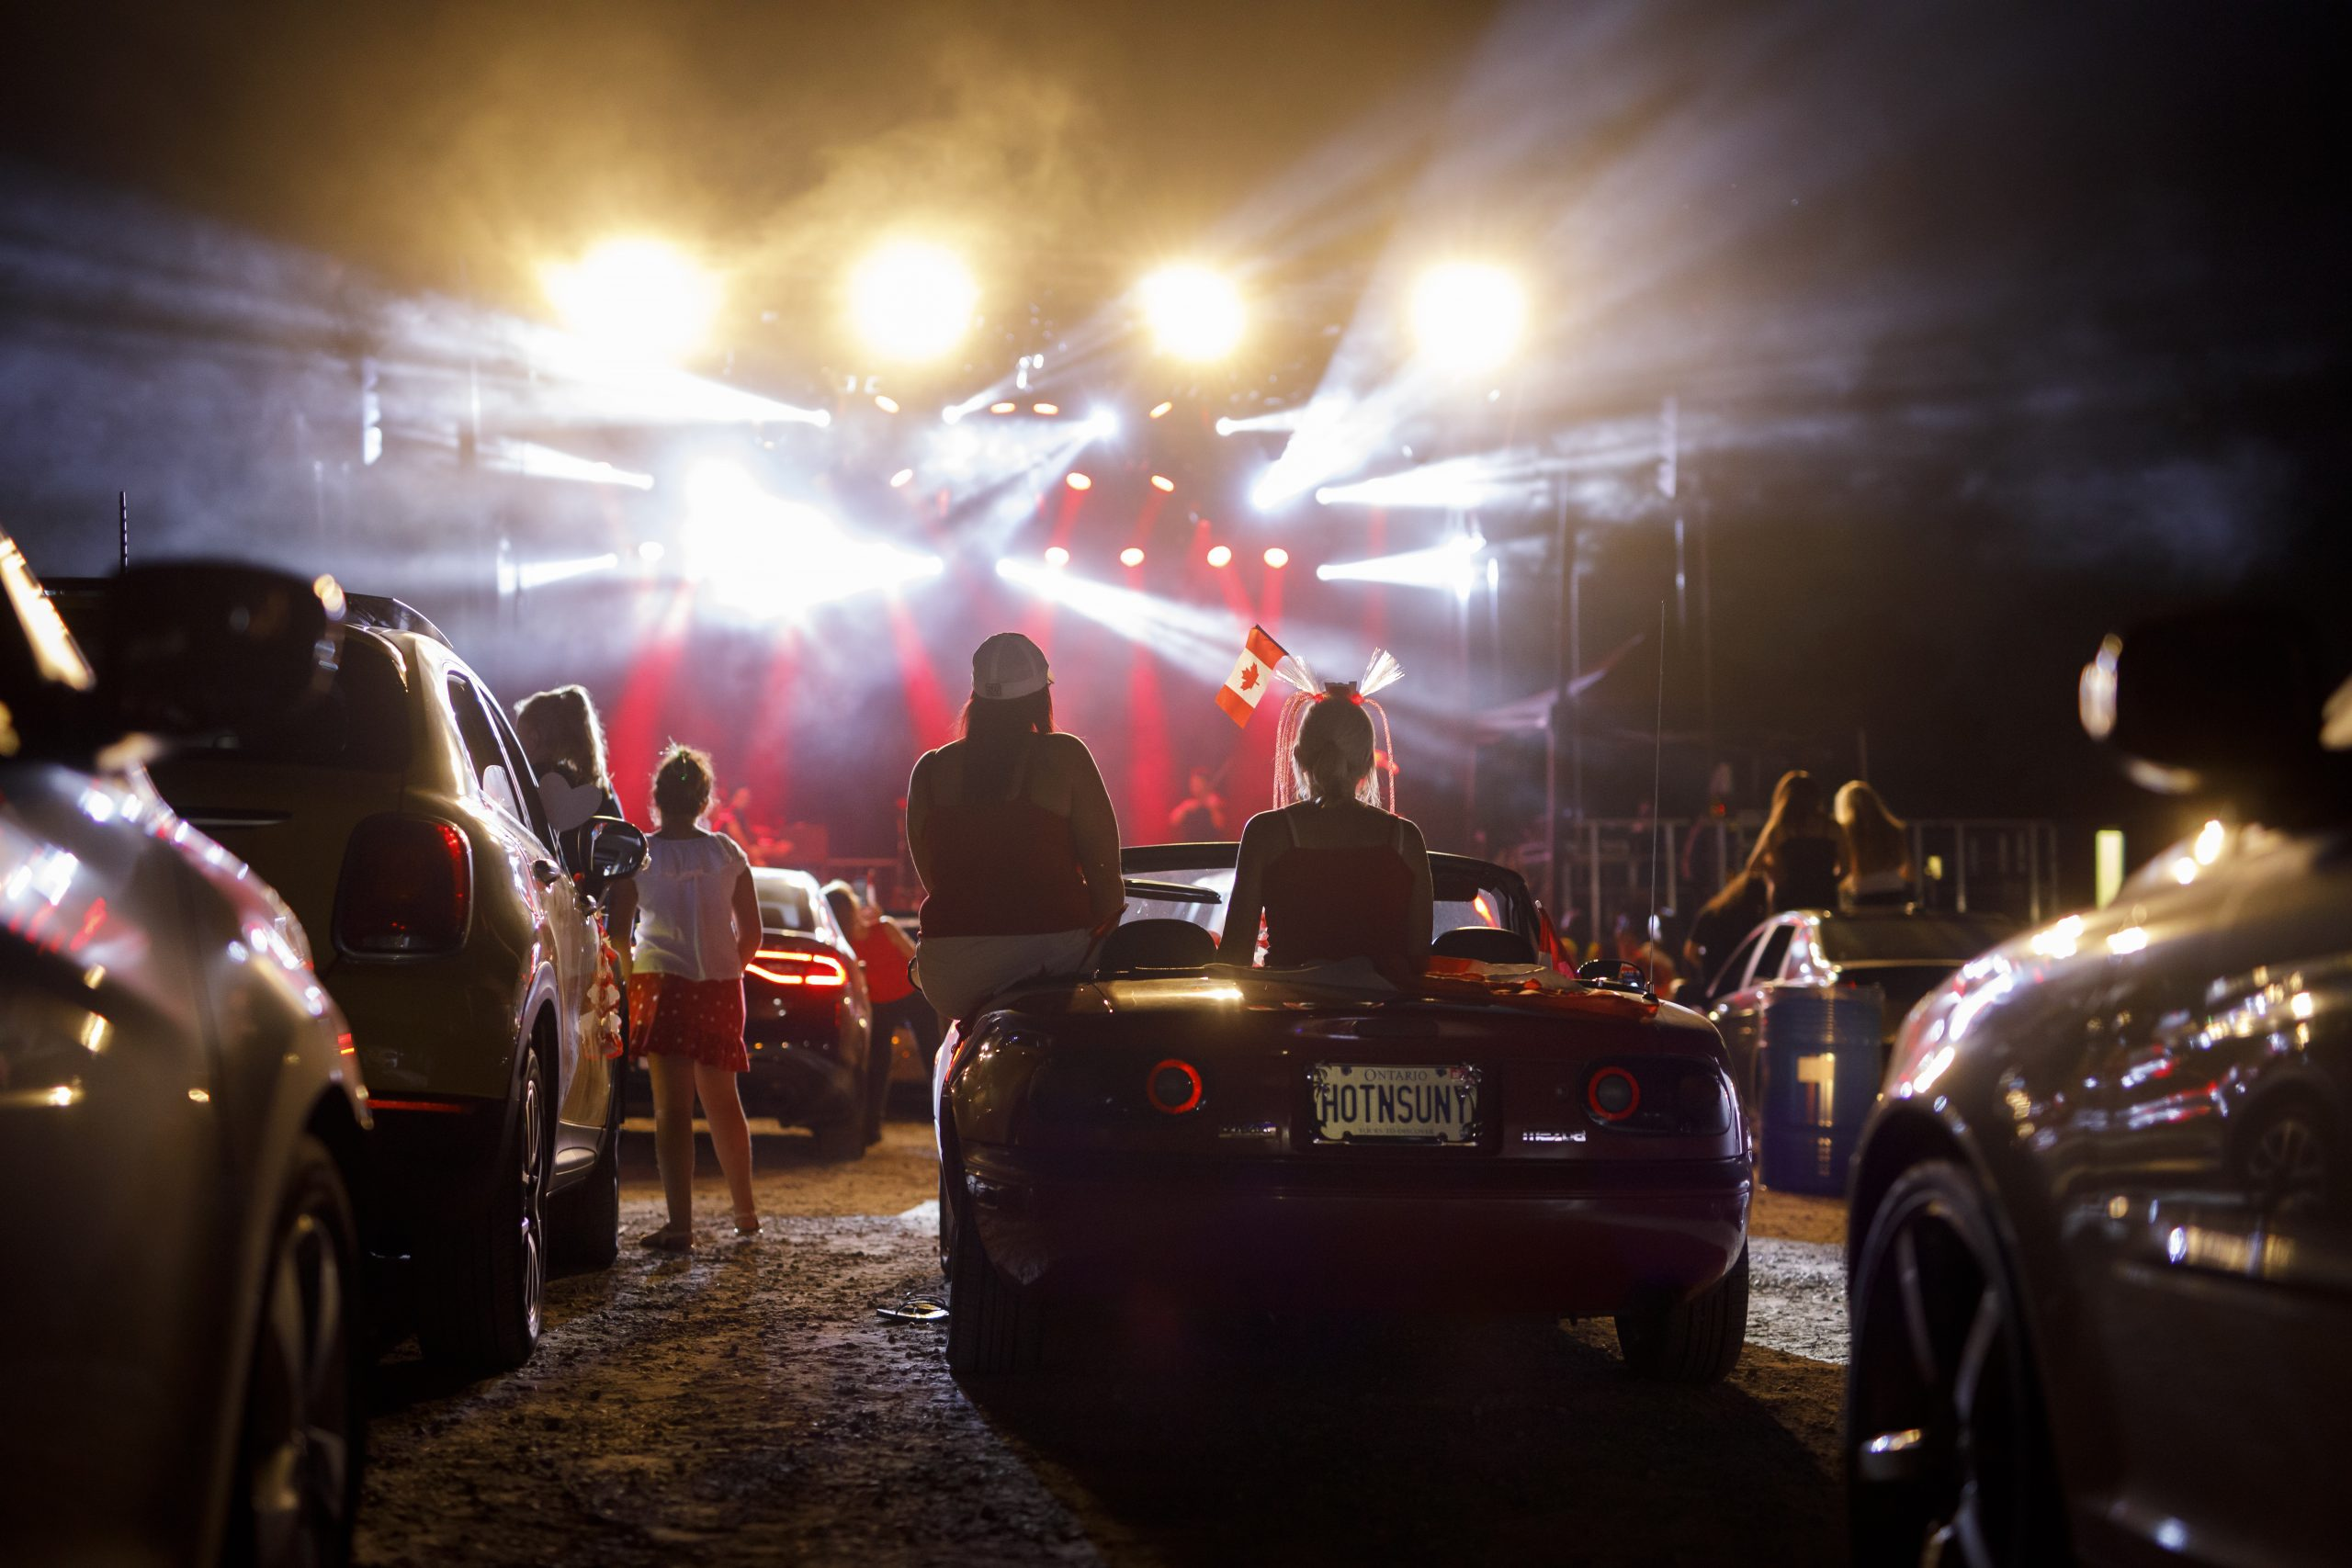 Con sana distancia: The Libertines, Two Door Cinema Club y Supergrass darán shows con público en vivo